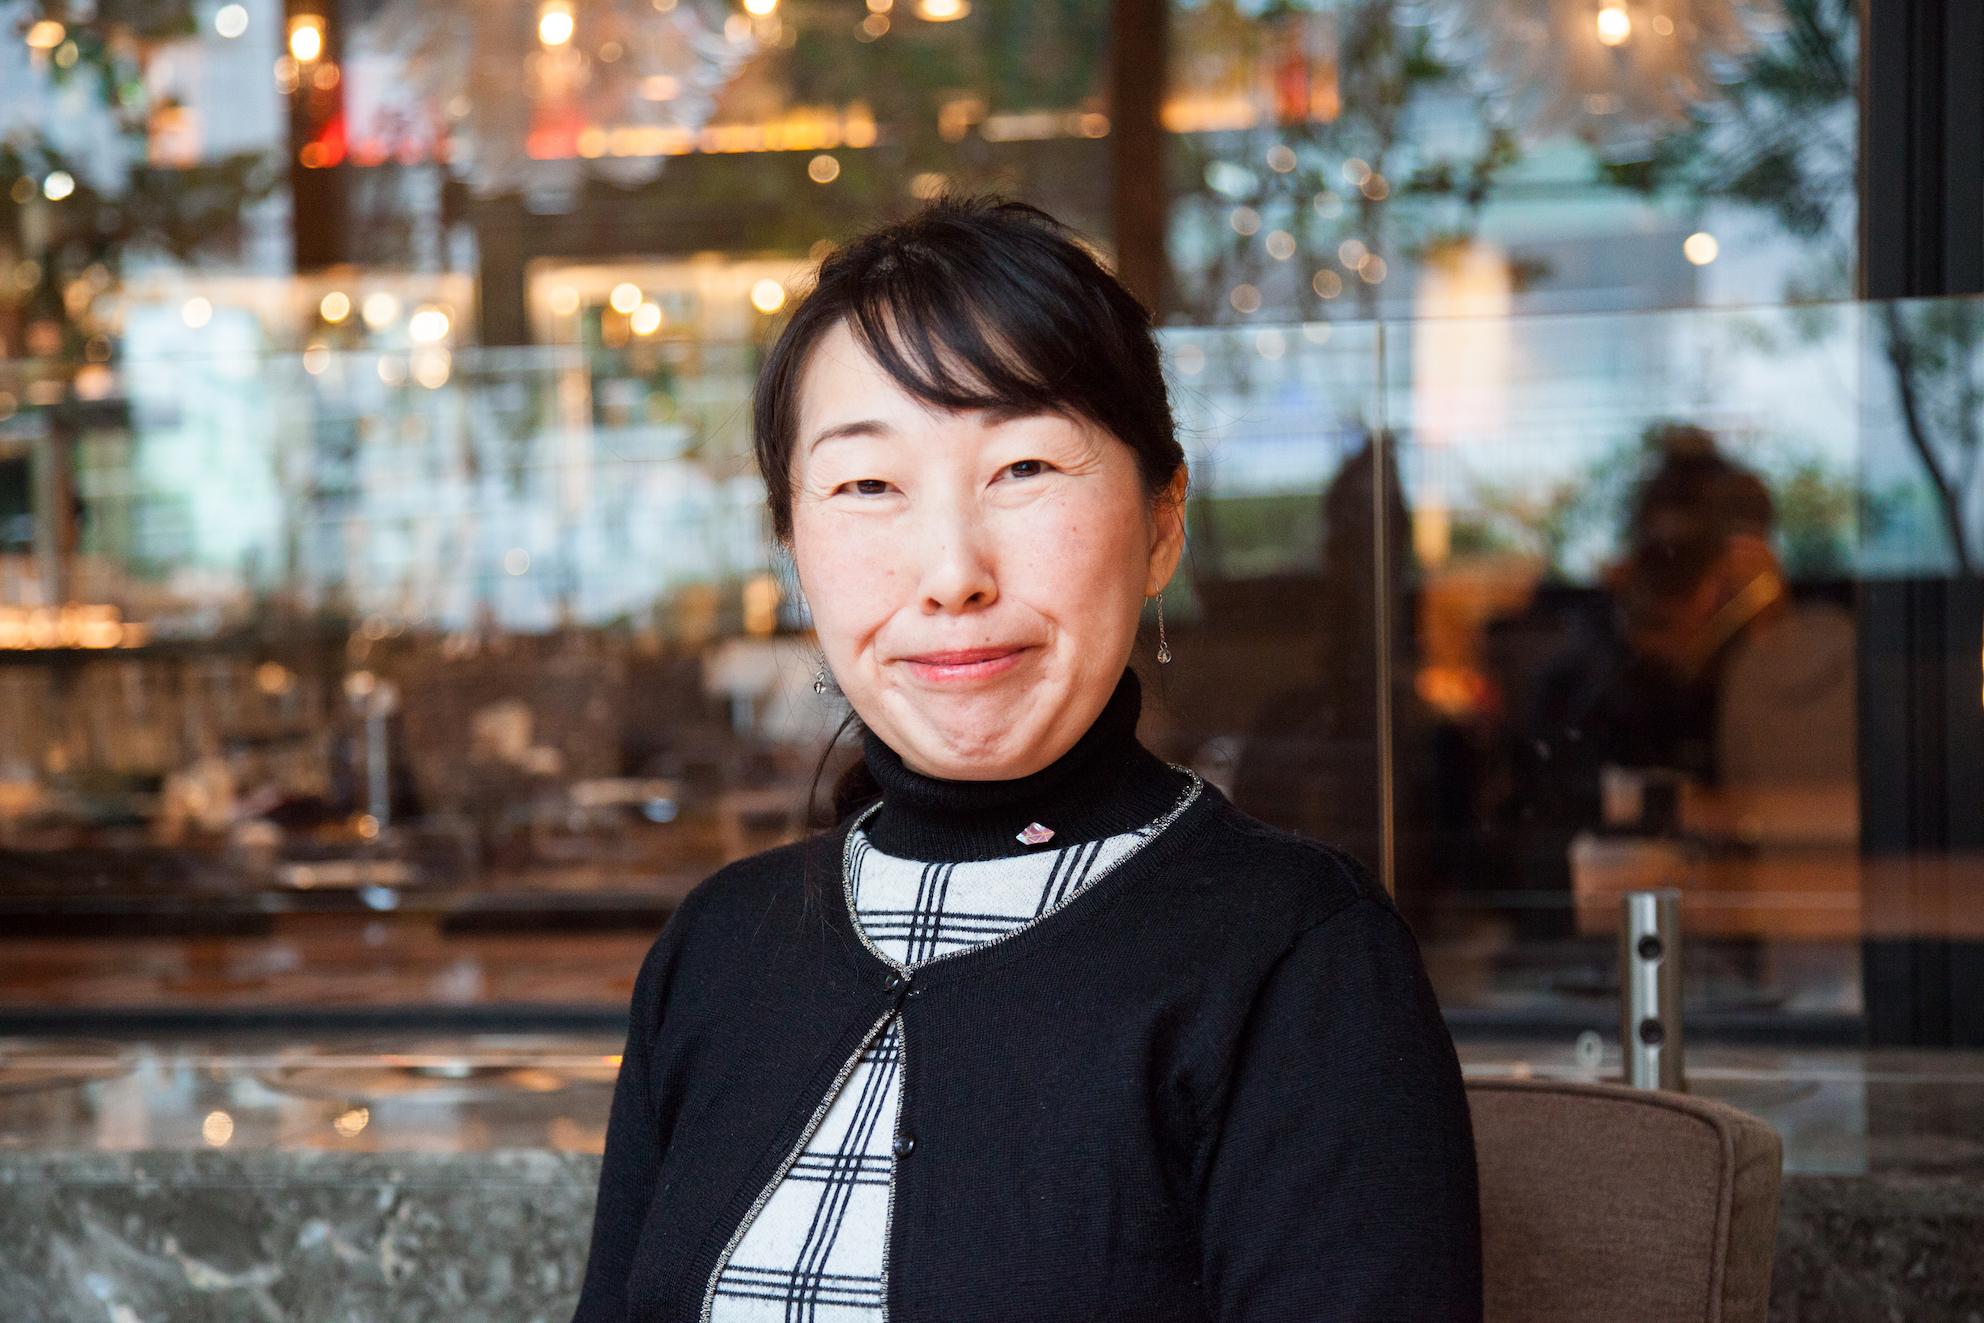 女性起業家に聞く!これからの日本とレンタルスペースの可能性:ハンドケアセラピスト・島津七与さん